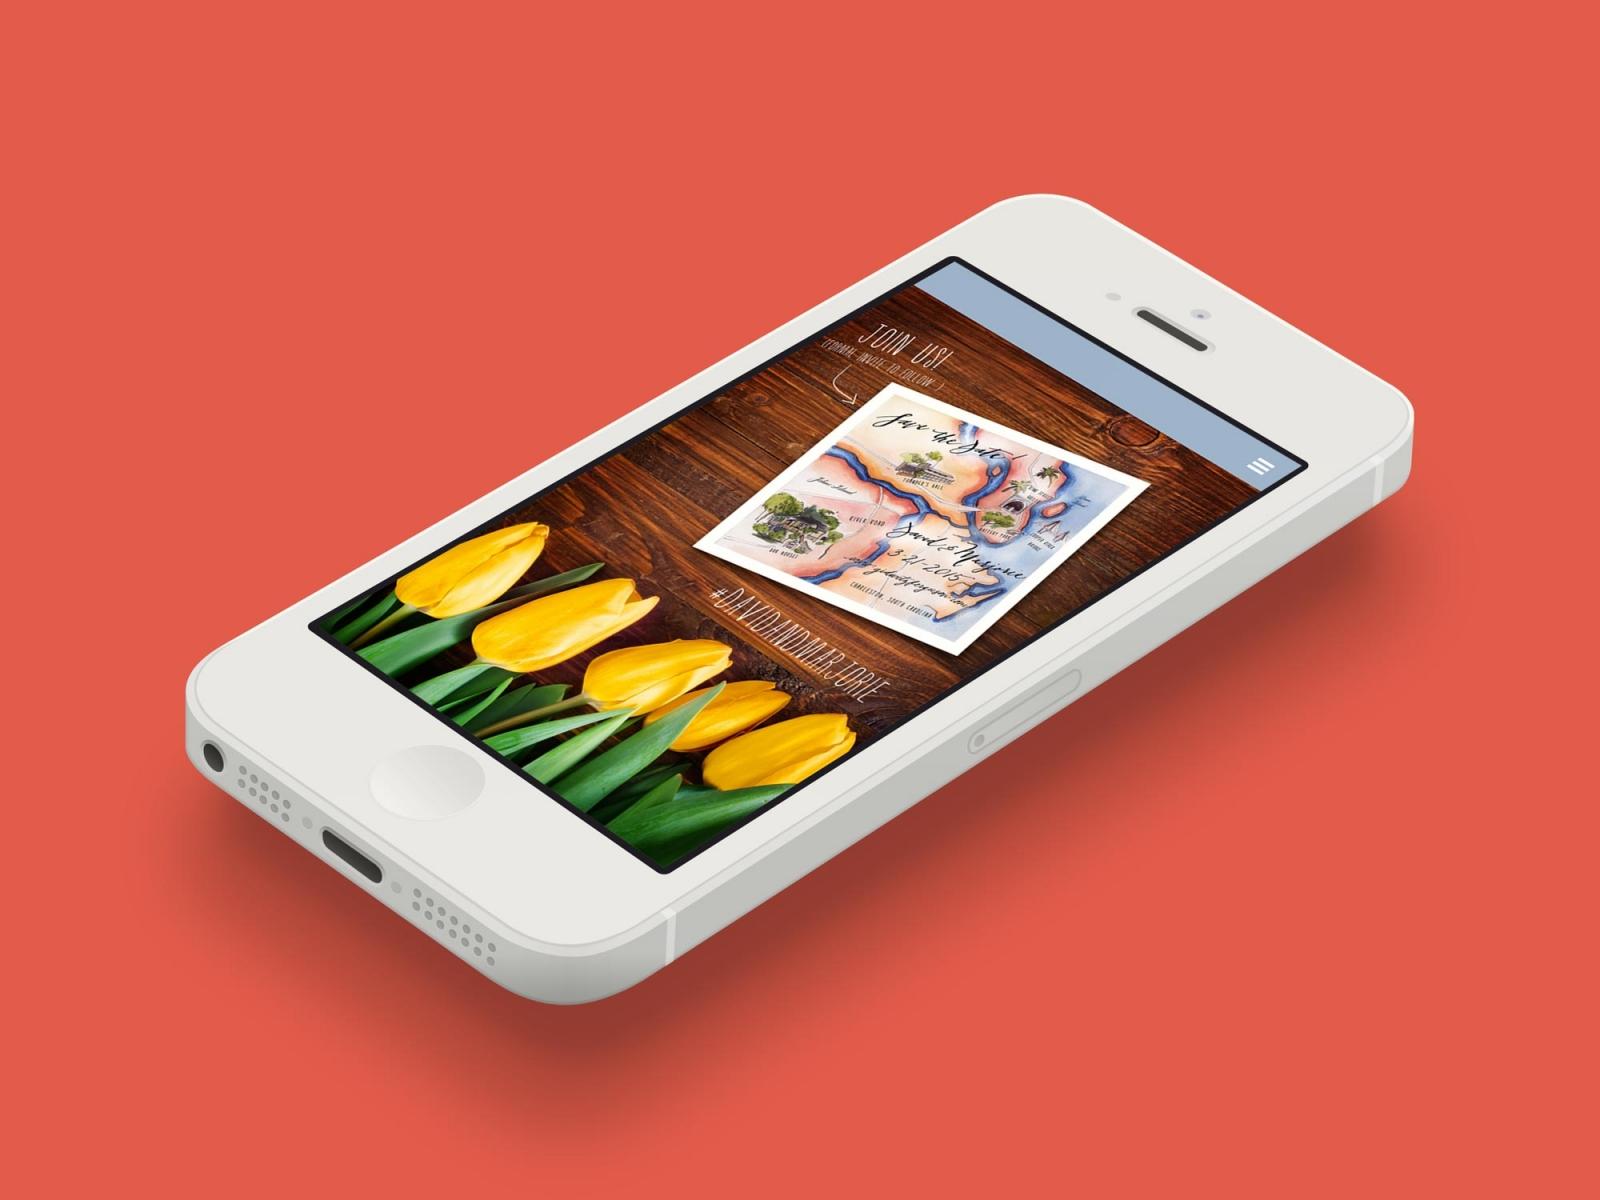 gidwitz-ferguson-marjorie-david-iphone-mockup